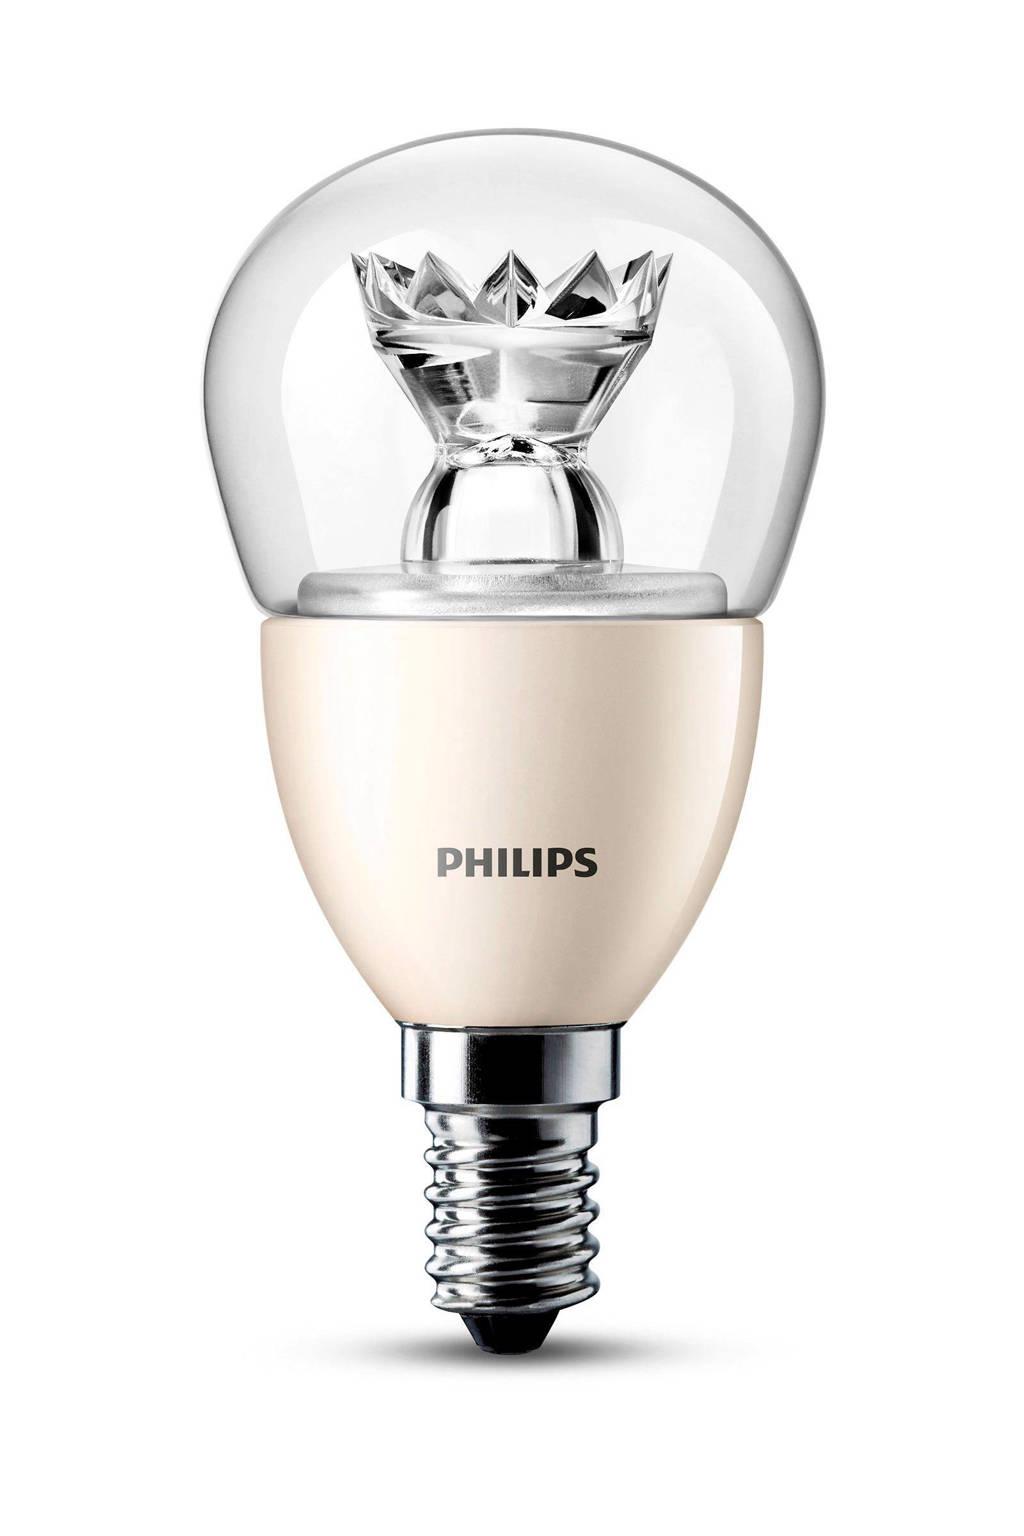 Philips dimbare LED lamp (40W E14)